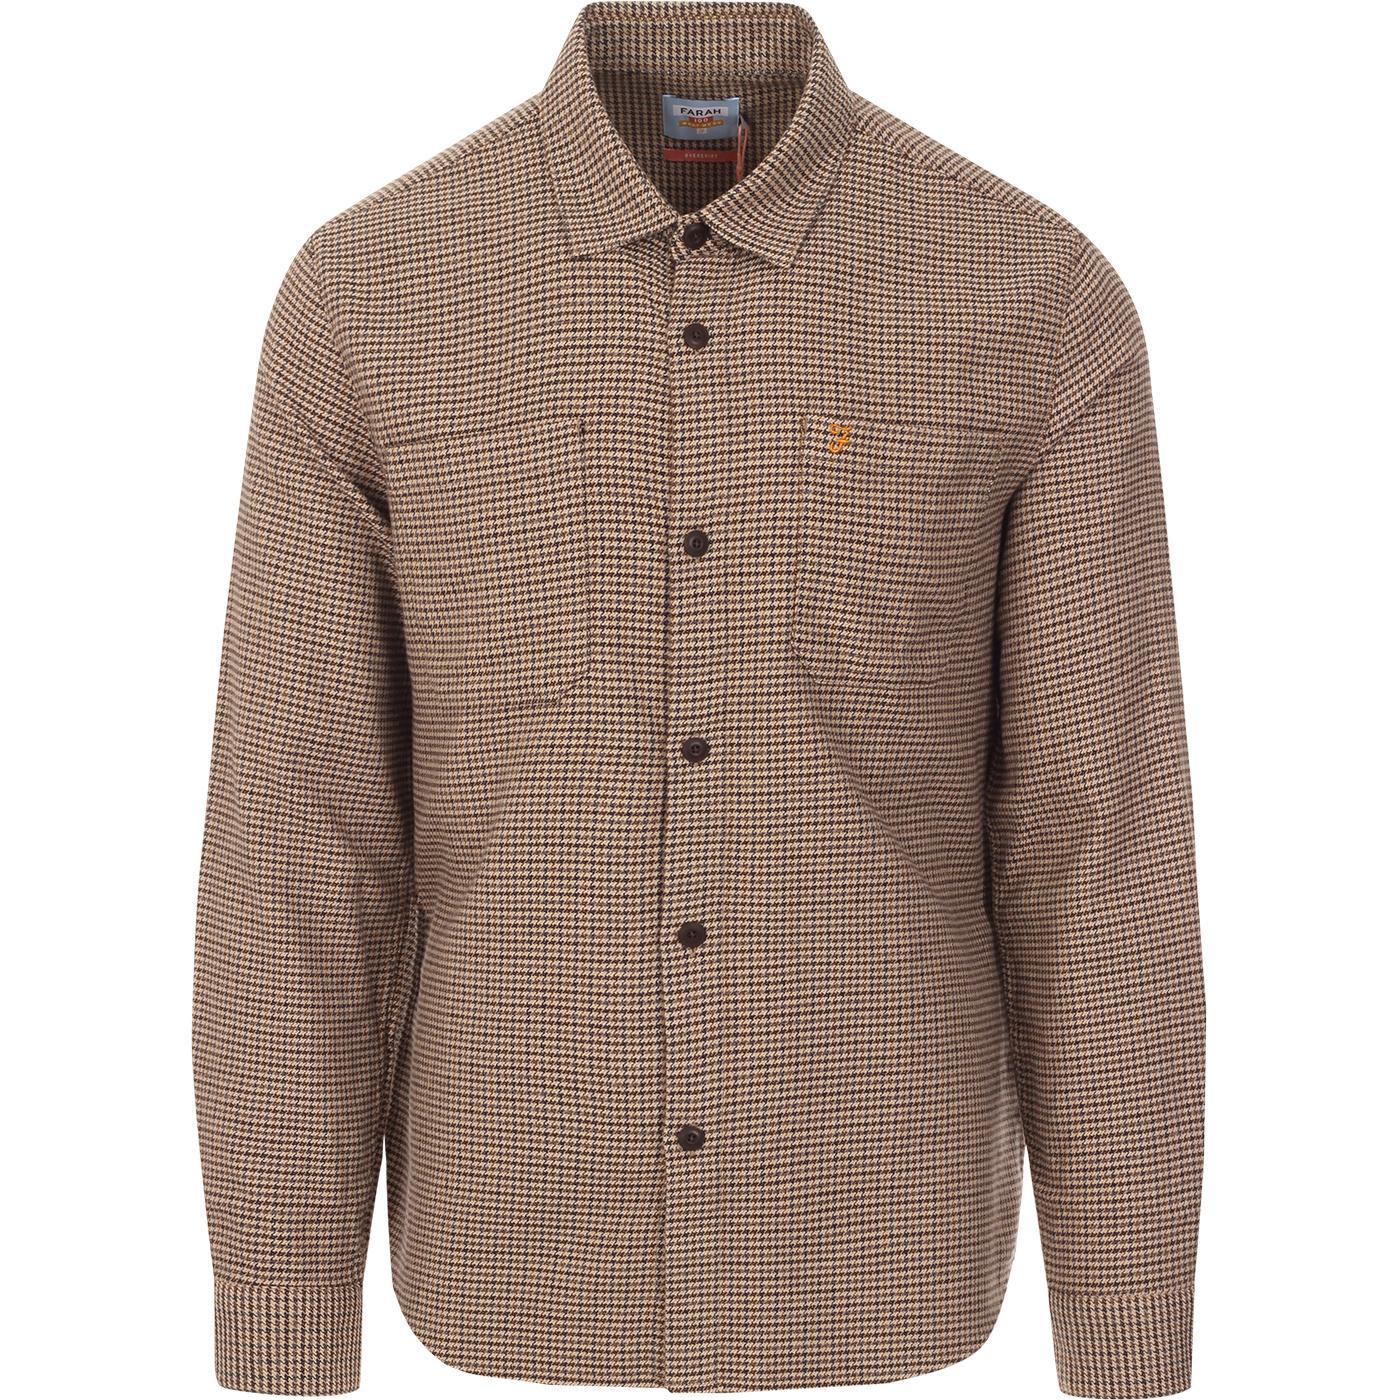 Dekker FARAH 100 Mod 60s Dogtooth Tweed Shirt